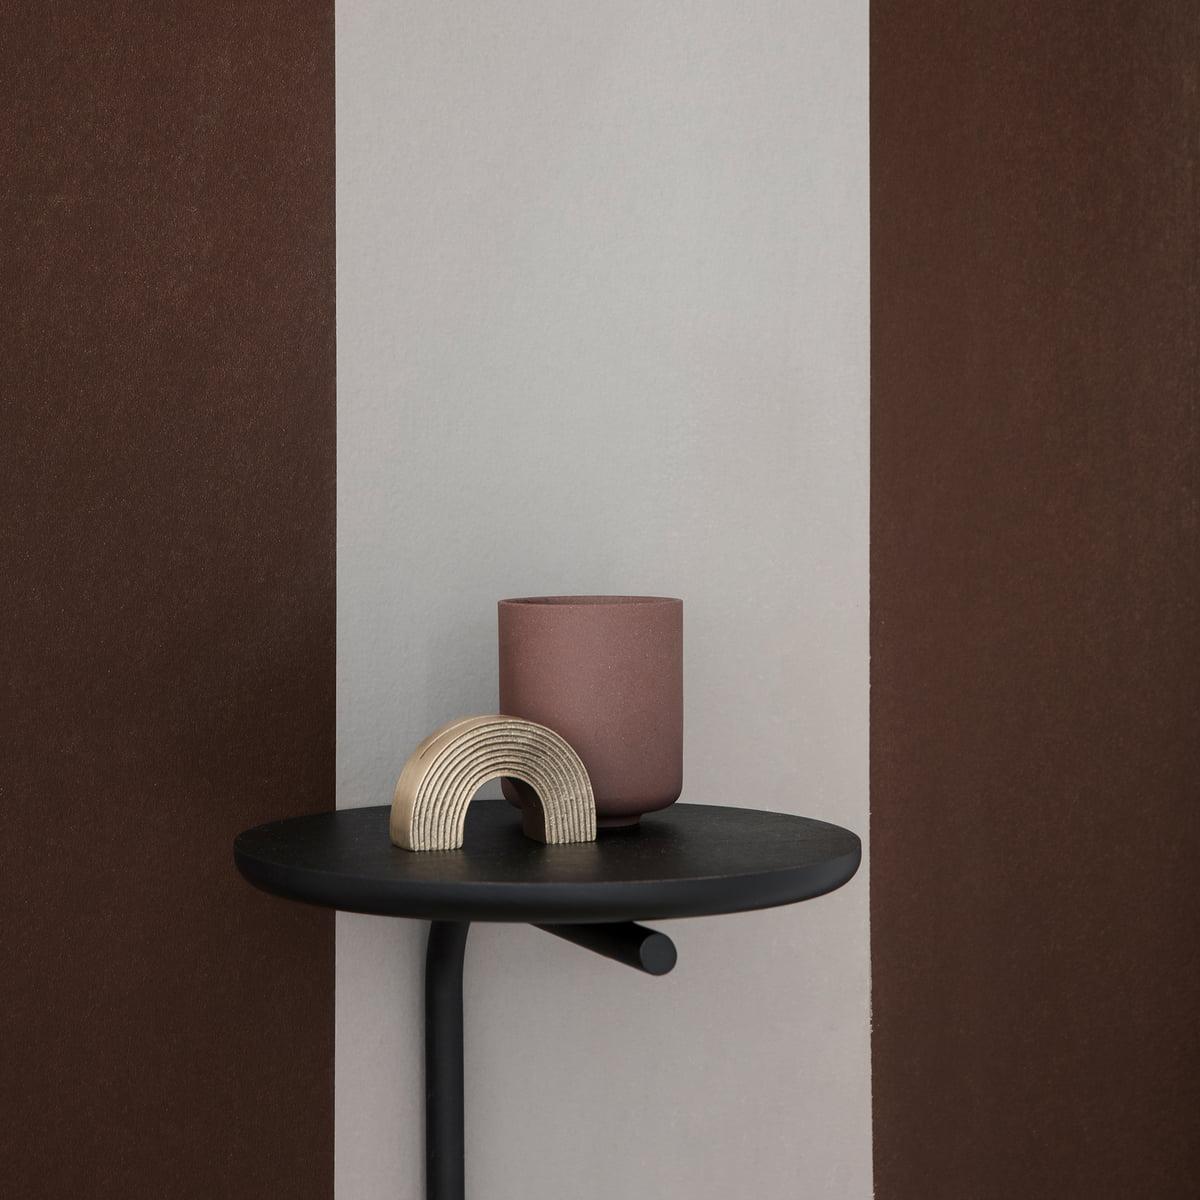 Pujo Wall Shelf By Ferm Living In Black